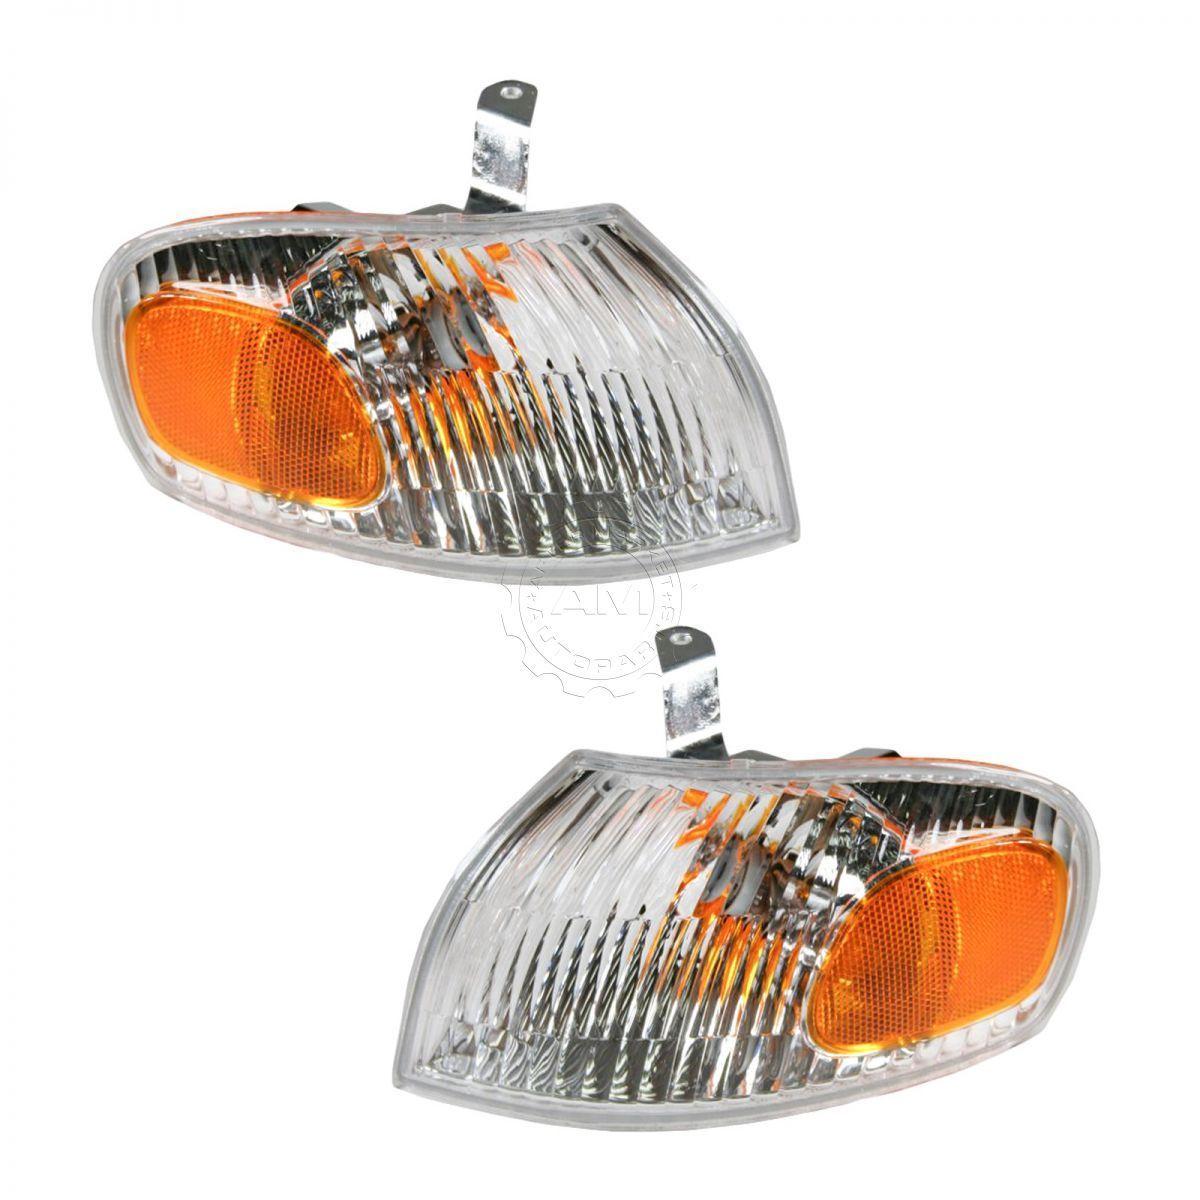 コーナーライト Side Marker Turn Signal Corner Parking Lamp Light Pair Set for 98-02 Chevy Prizm サイドマーカーターンシグナルコーナーパーキングランプライトペアは98-02シボレーPrizm用に設定